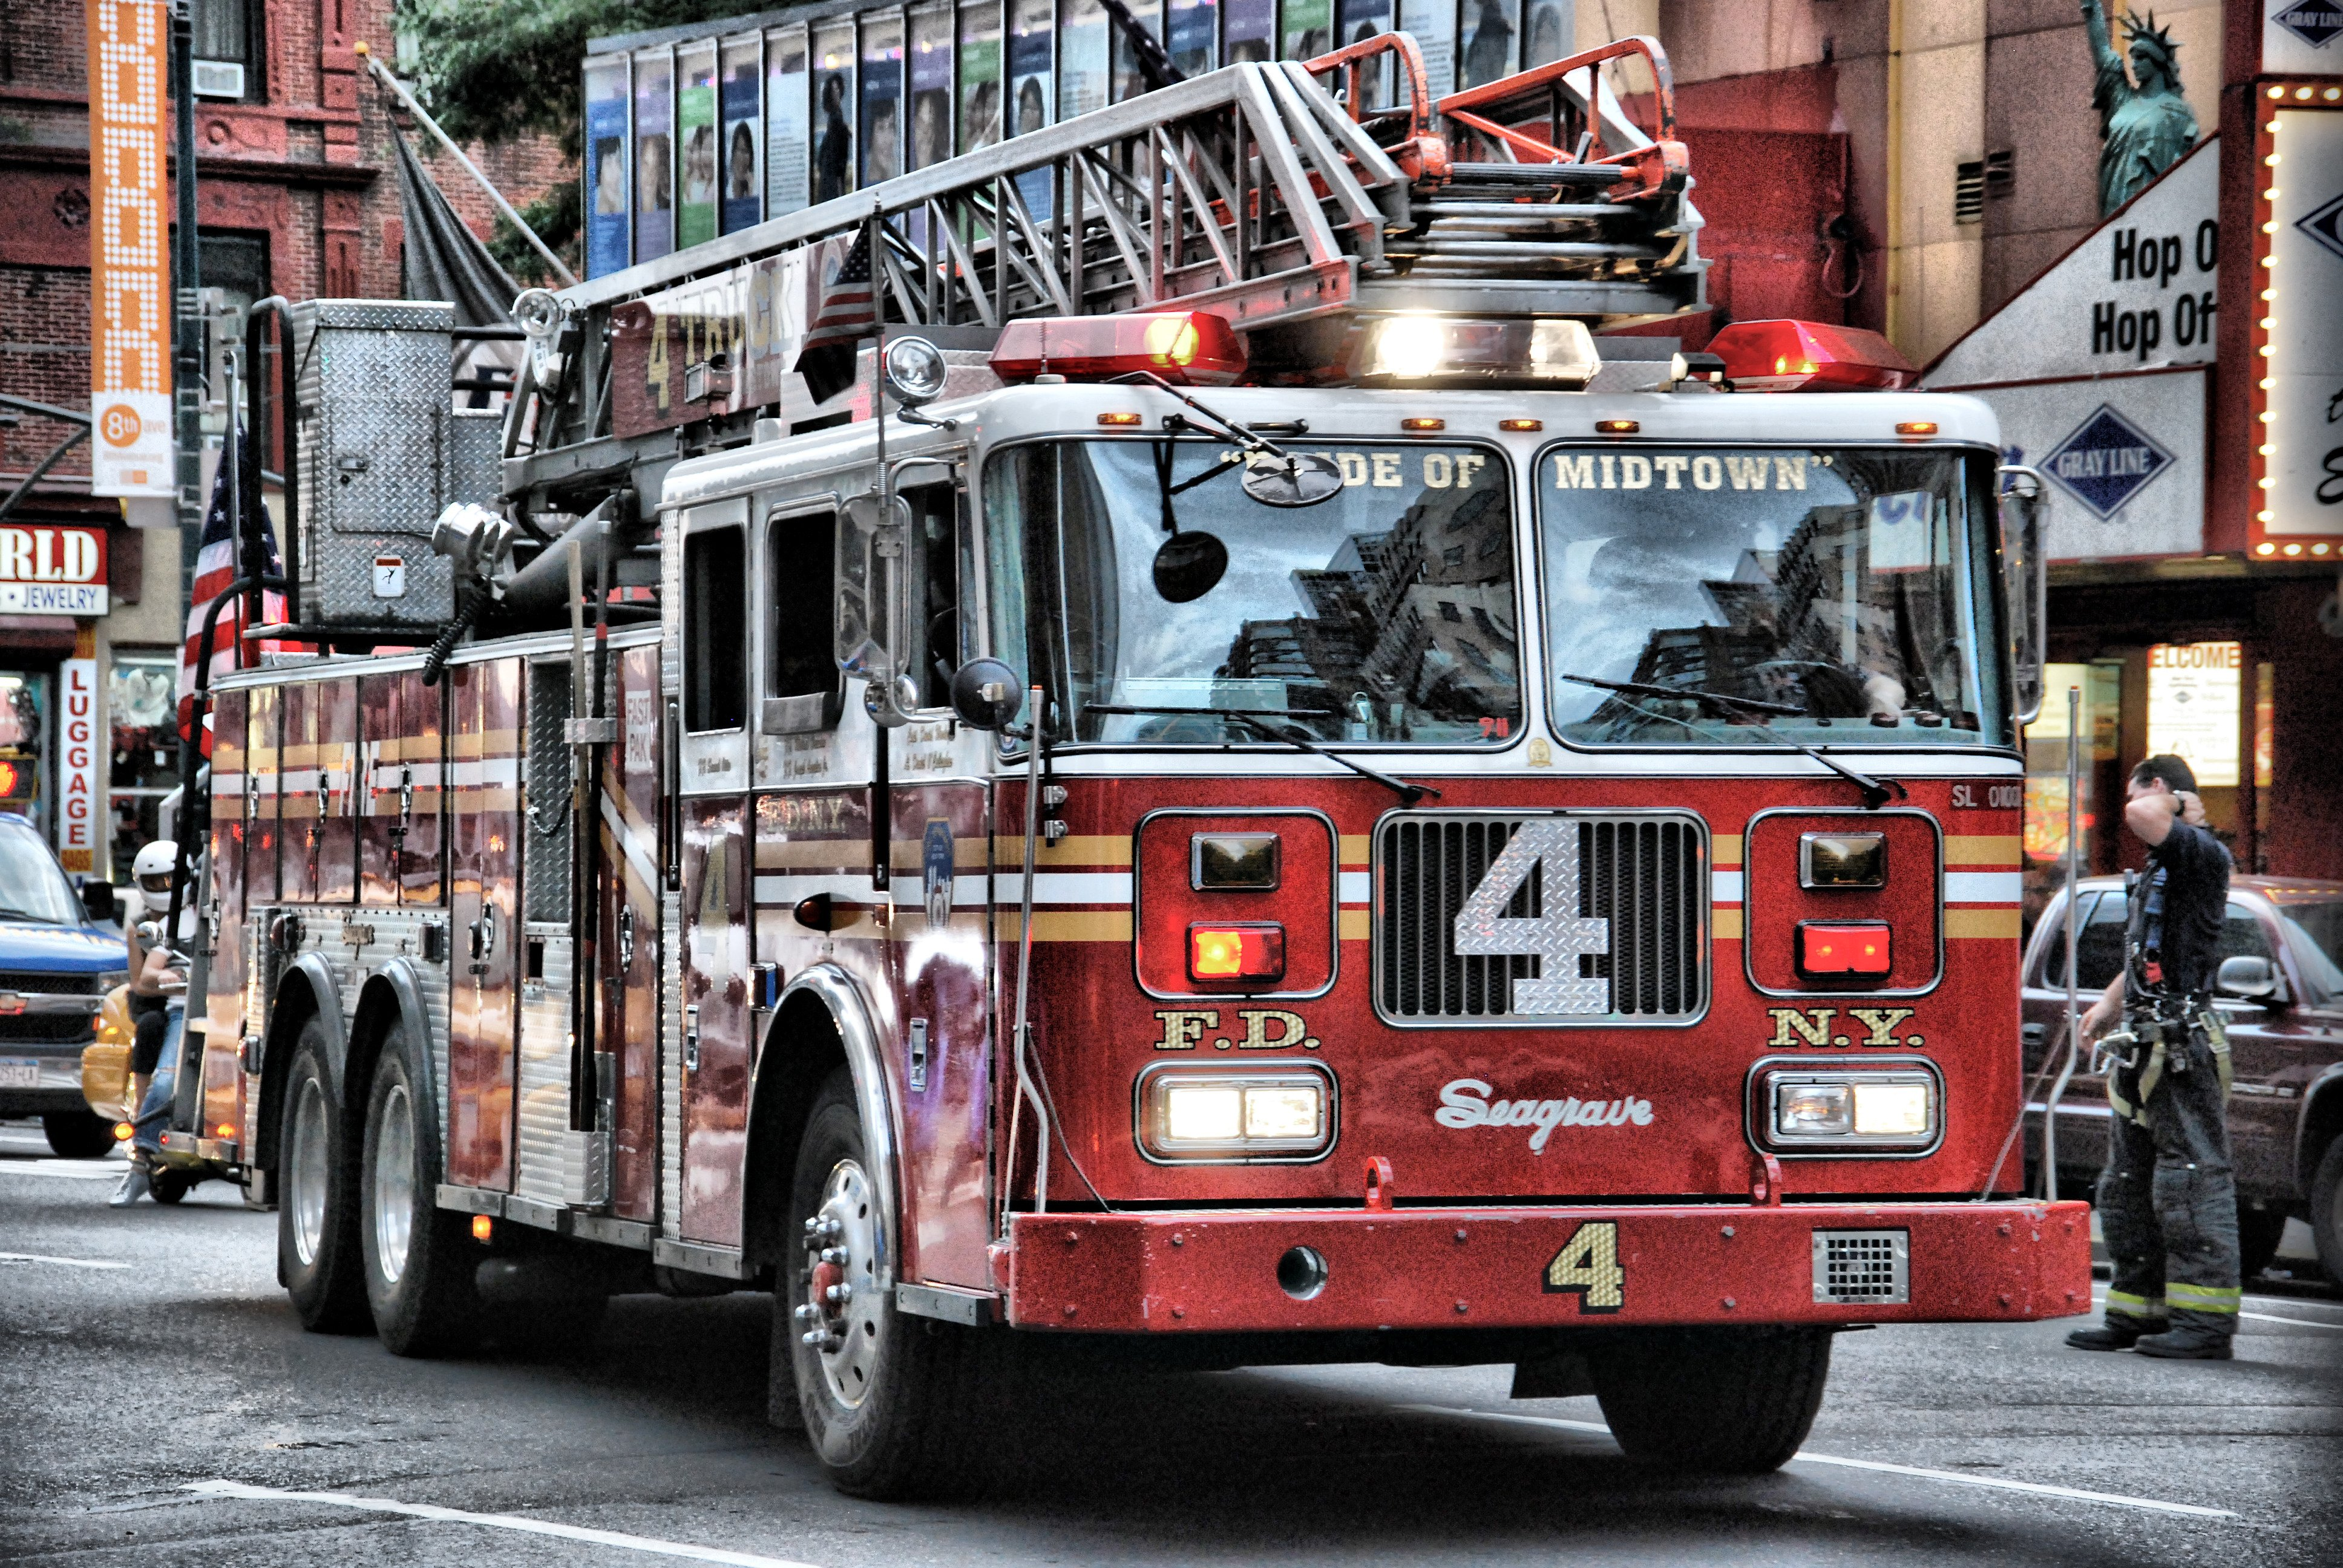 Seagrave Fire Truck Truck Fire Truck Fire Engine Fireman HDR Wallpaper 3872x2592